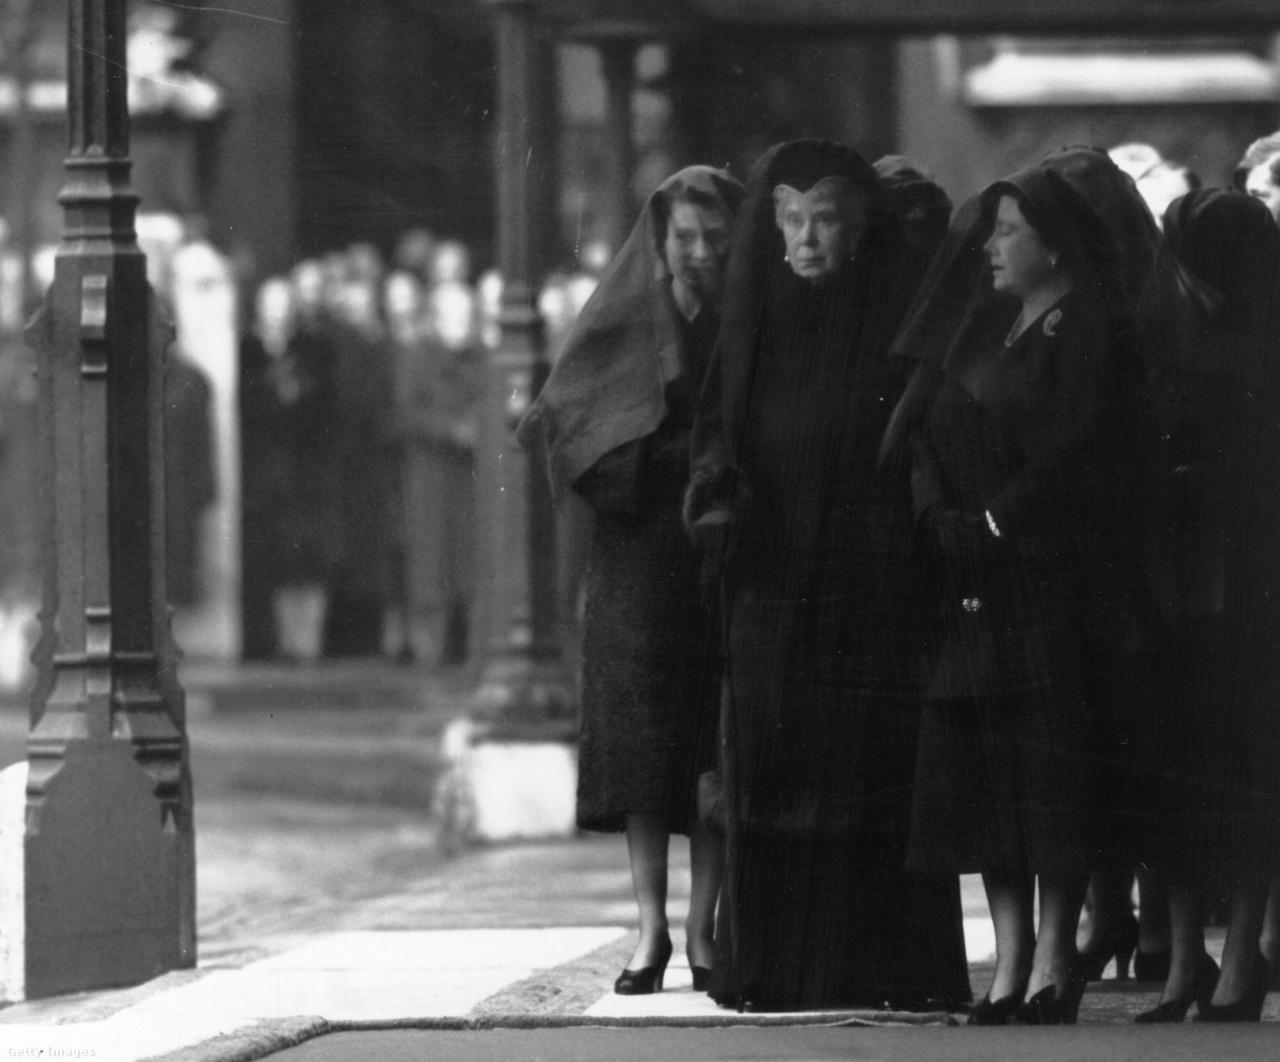 Férje halála porig sújtotta Erzsébetet, aki először Skóciába menekült a gyászával. VI. György király temetésén 1952. február 15-én három királyné jelent meg: a fiatal II. Erzsébet, Erzsébet anyakirályné, és az elhunyt uralkodó édesanyja, Mária királyné. Mária egy évvel később, 1953. március 24-én halt meg 85 éves korában, néhány héttel unokája koronázása előtt.